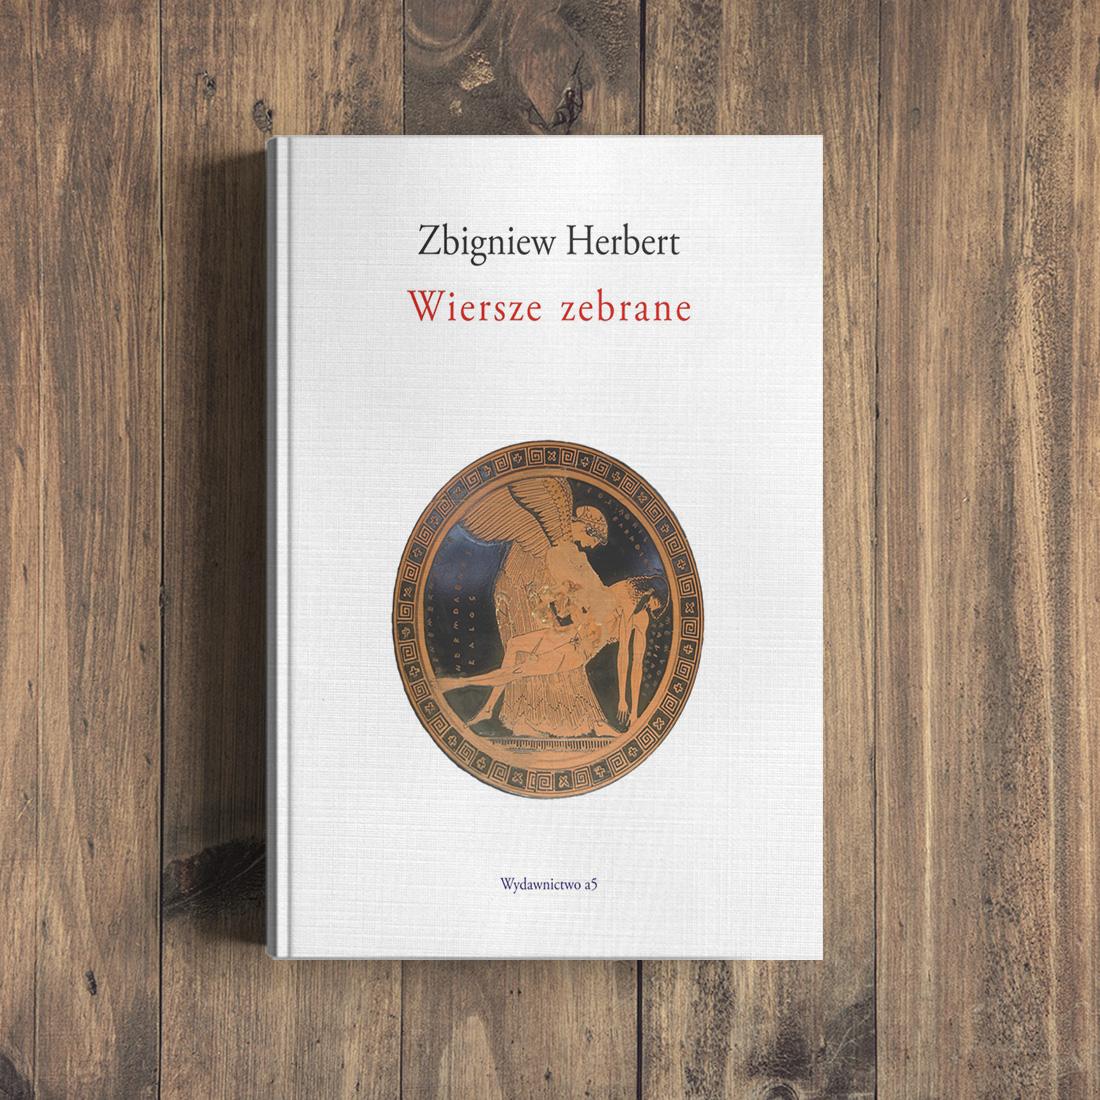 Poezja I Dobro Wspólne Ofiarowanie Ifigenii Zbigniewa